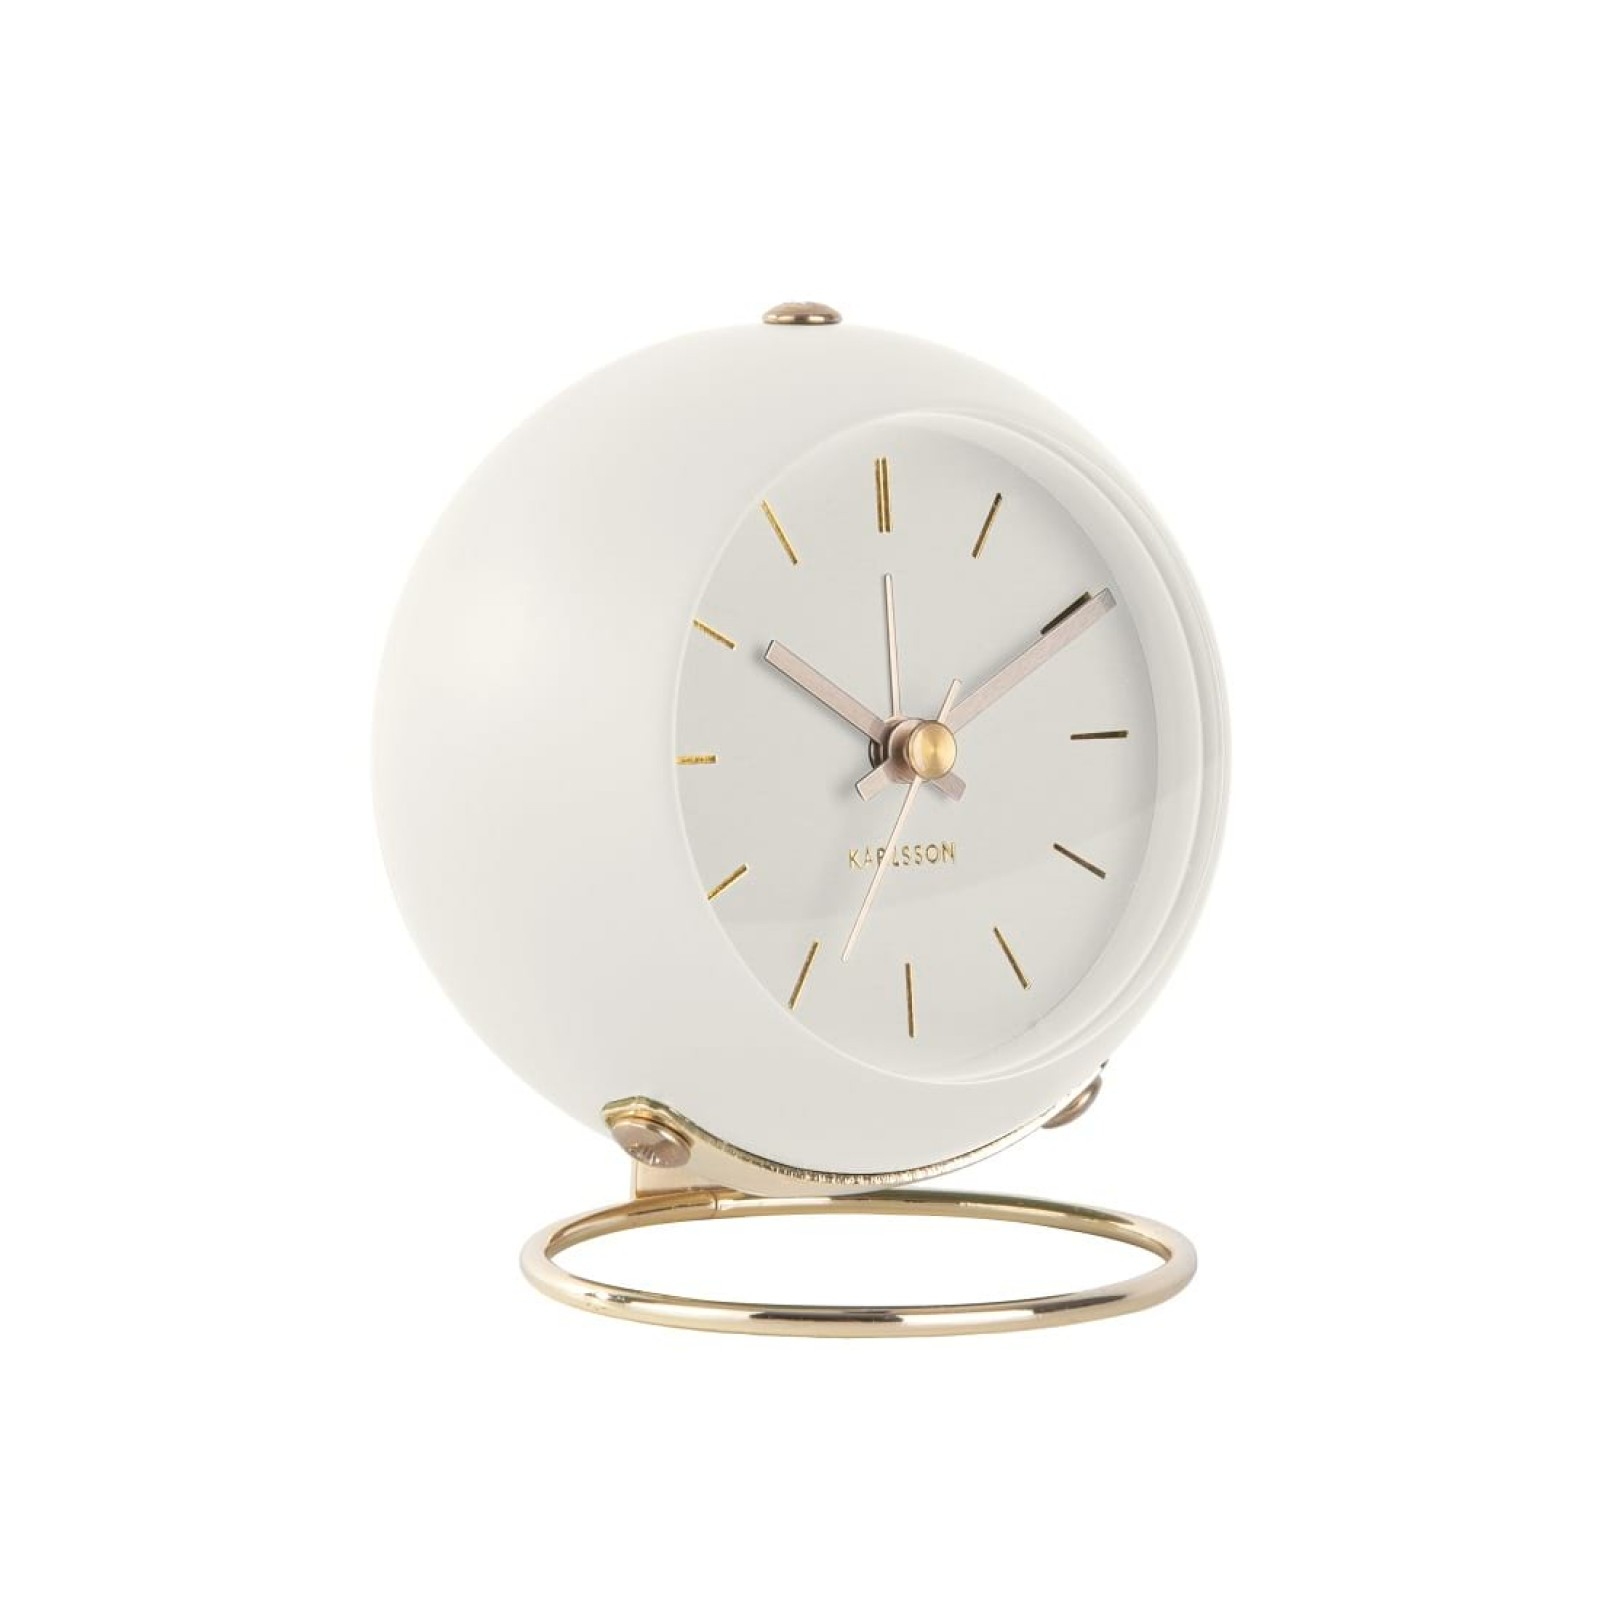 Επιτραπέζιο Ρολόι Ξυπνητήρι Globe (Λευκό) - Karlsson